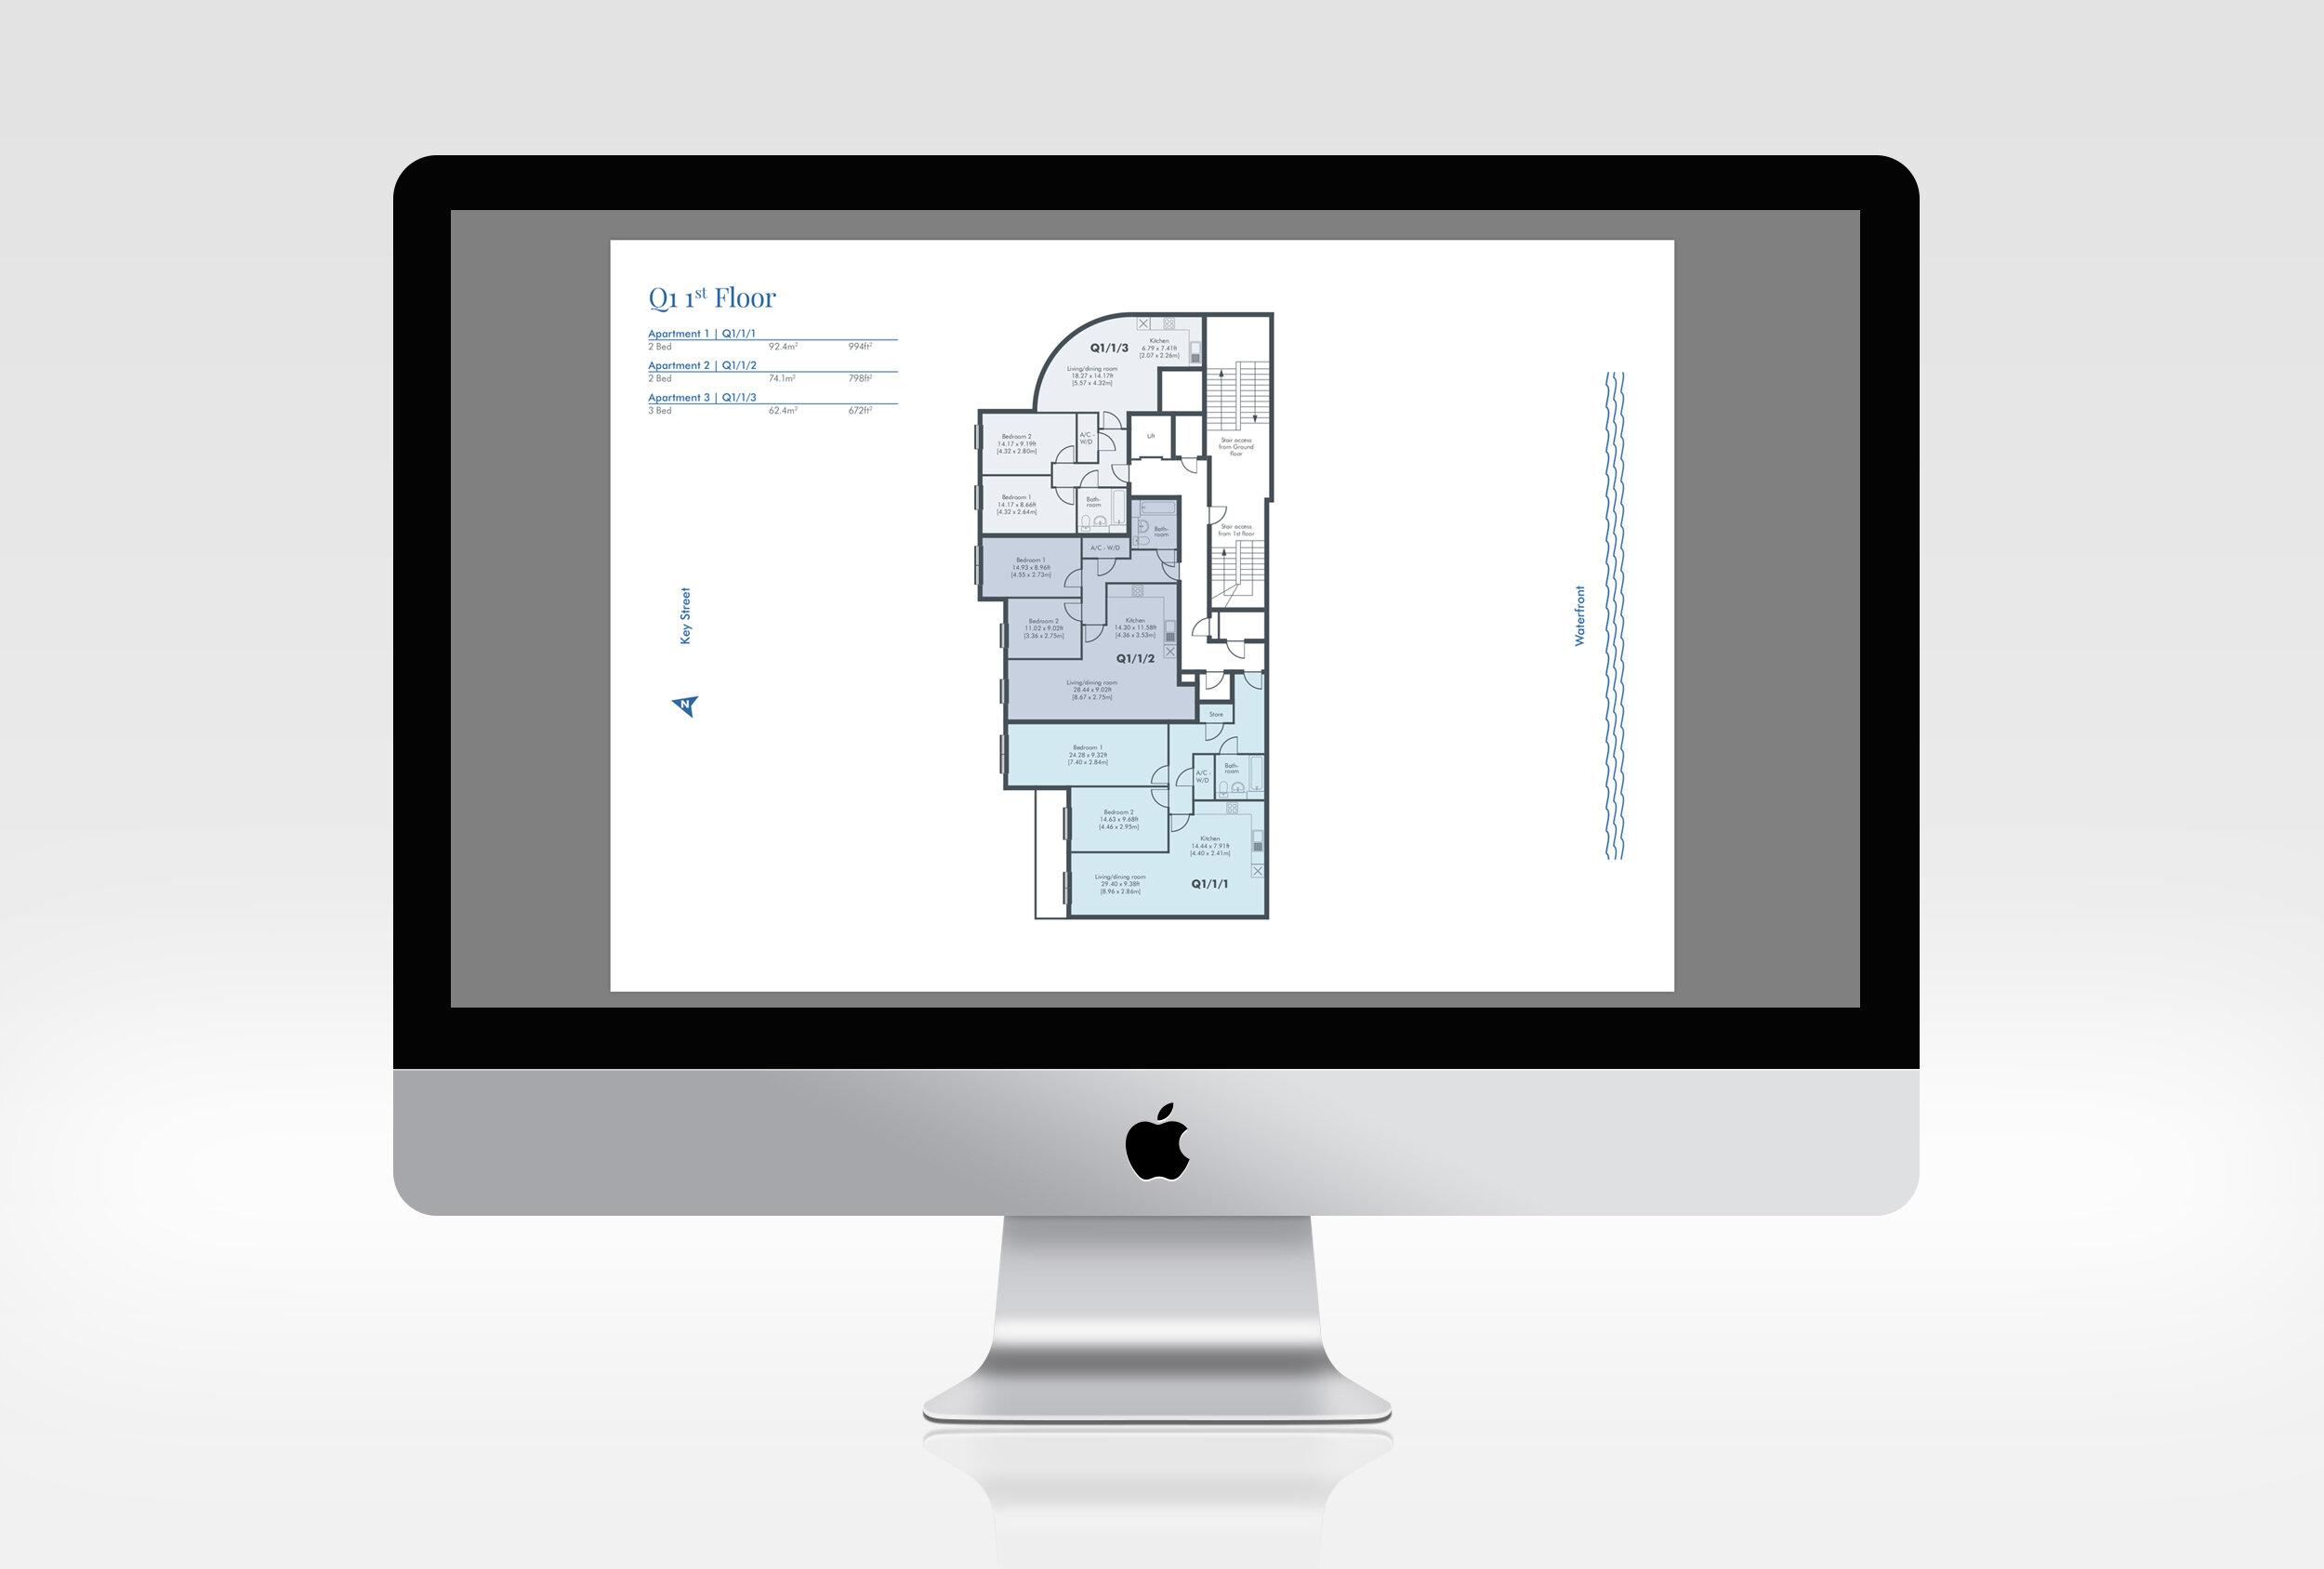 websitu_thewinerack_floorplans.jpg